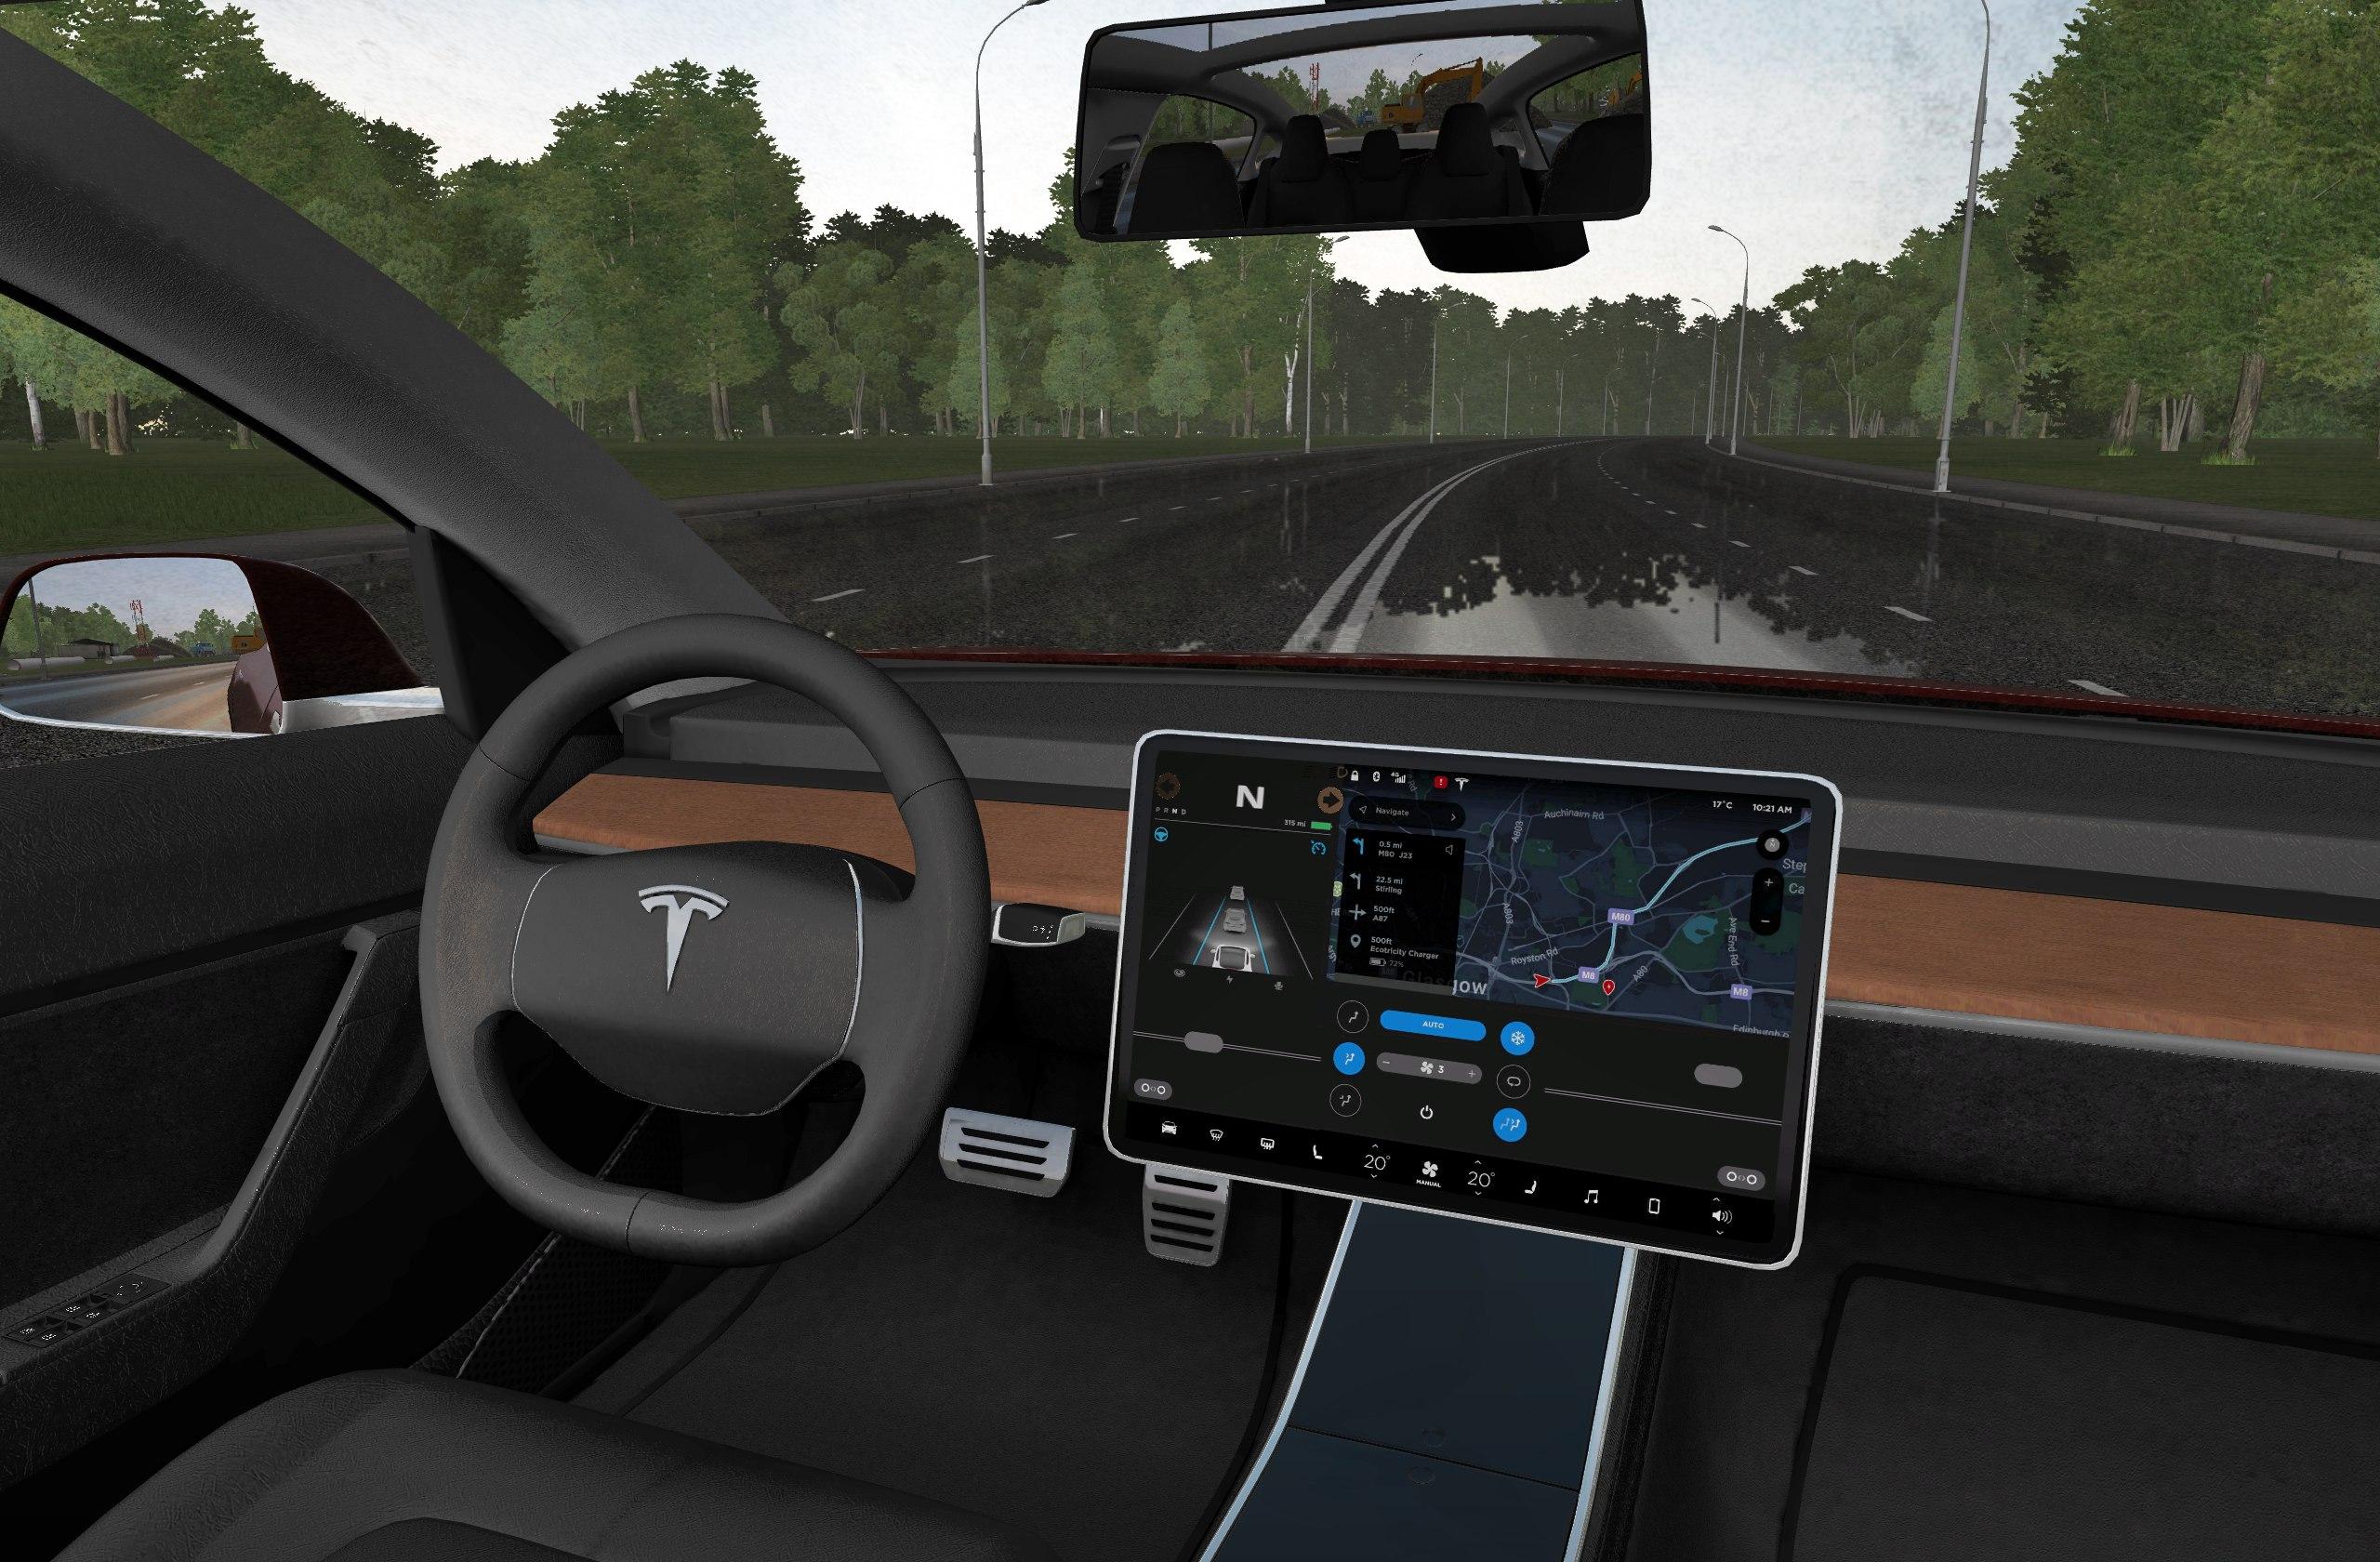 e827f76cbb8 City Car Driving :: Topic: 2018 Tesla Model 3 - 1.5.7 (1/1)